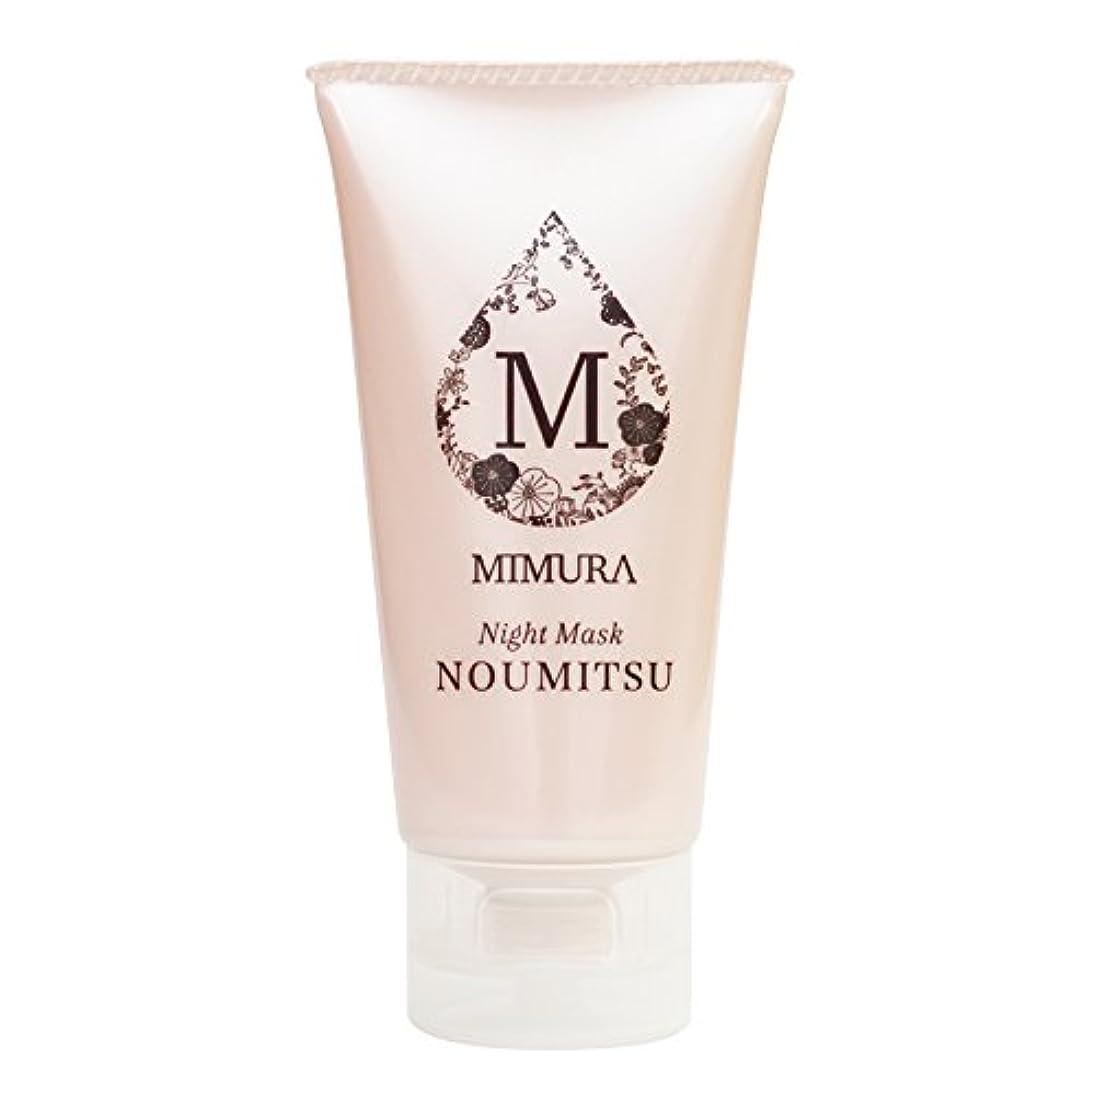 メルボルン留め金覗く夜用 ナイトパック アスタキサンチン ミムラ ナイトマスク NOUMITSU (保湿クリーム) 48g 日本製 mimura